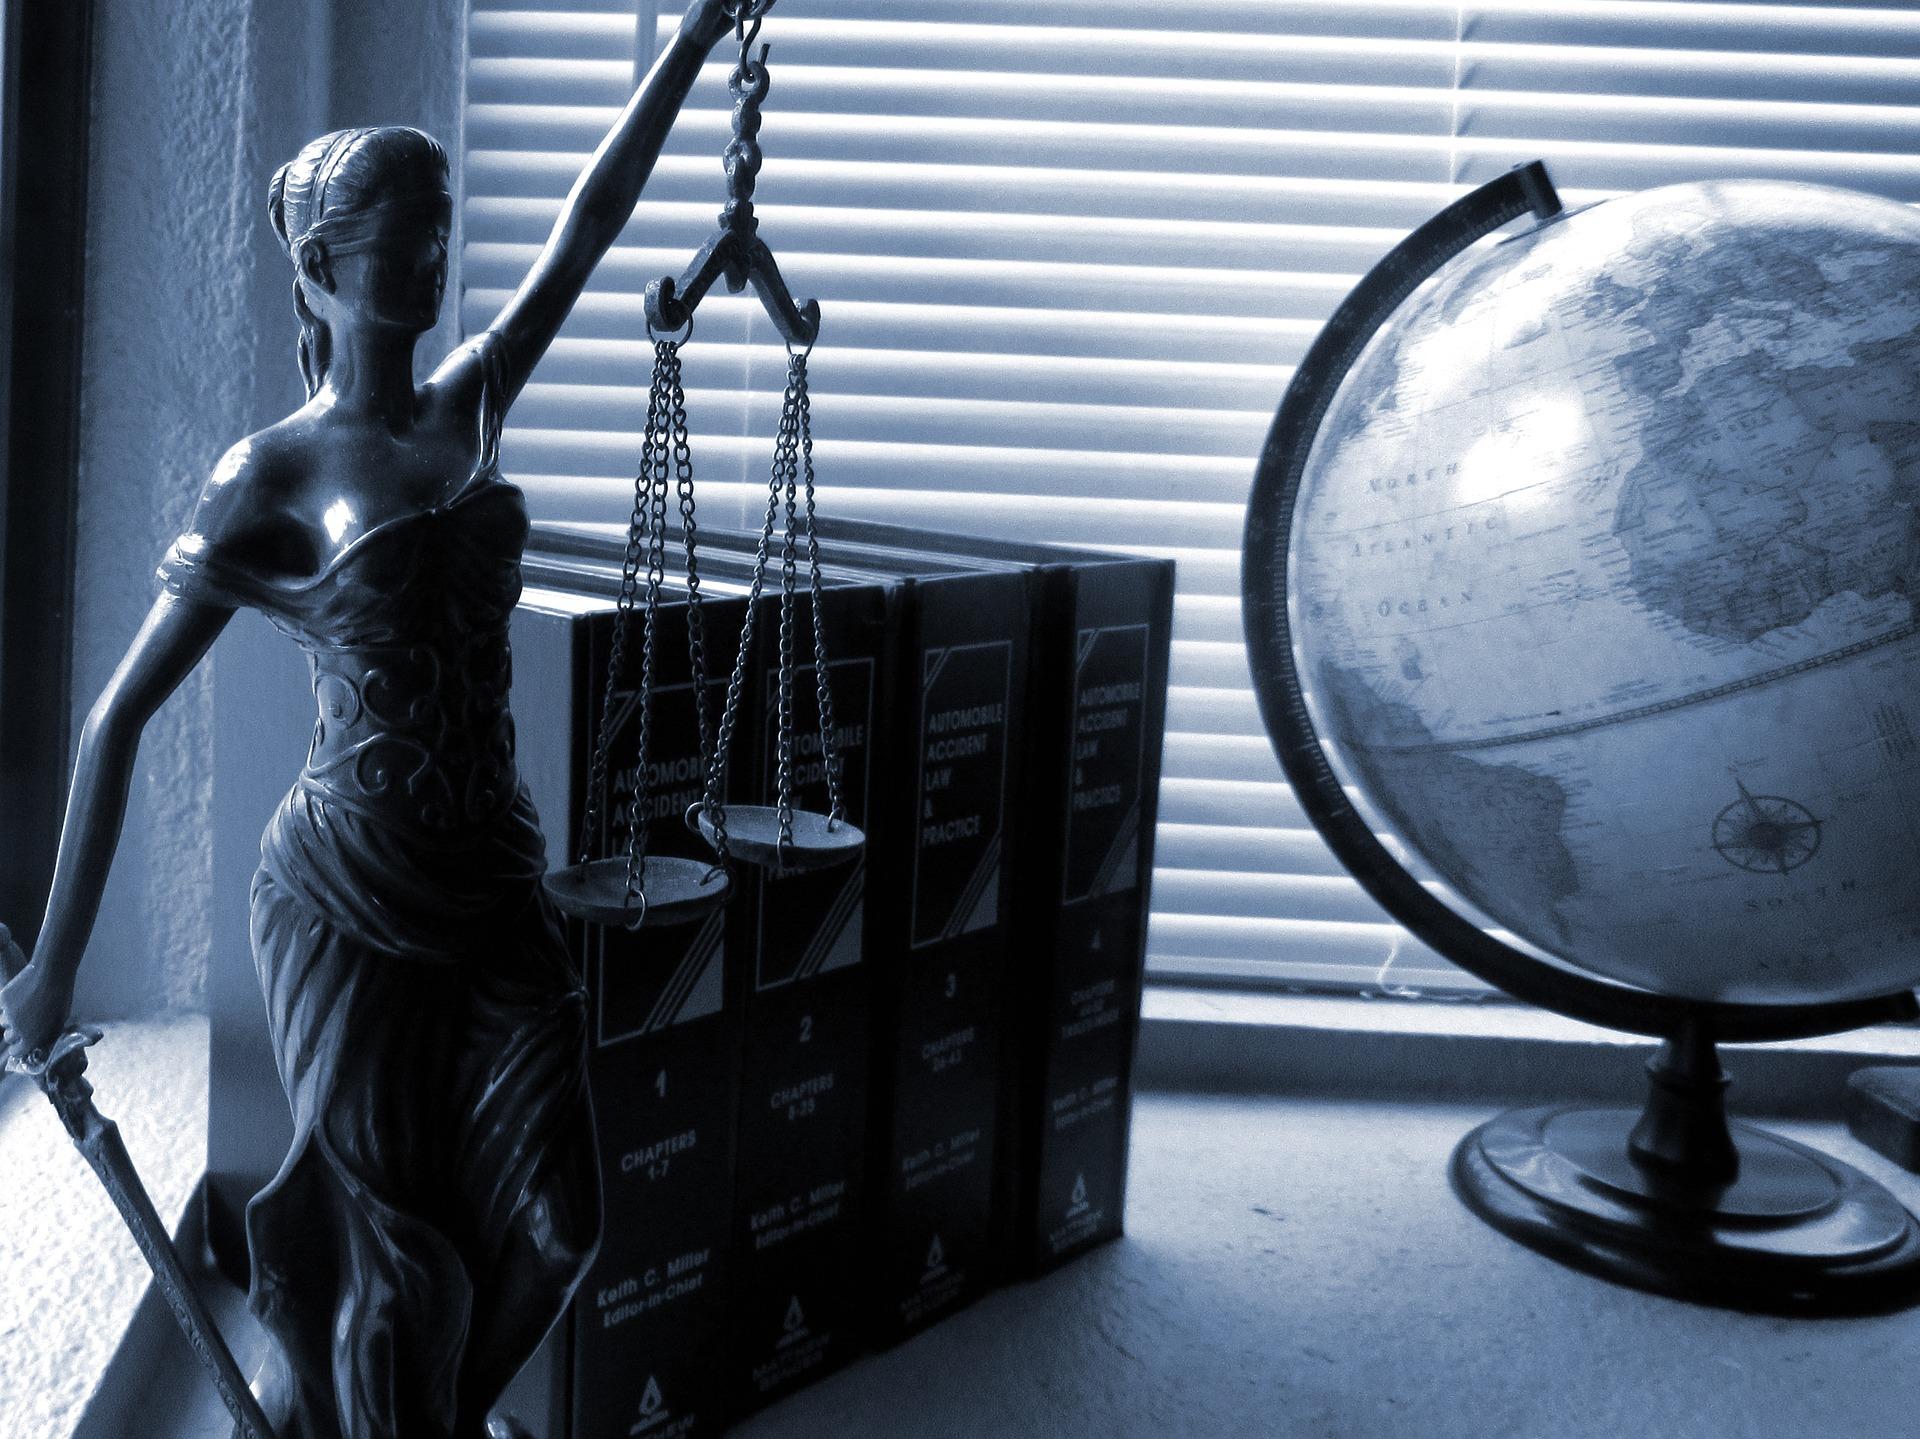 Szukasz dobrego adwokata w Dąbrowie Górniczej? - koniecznie sprawdź!